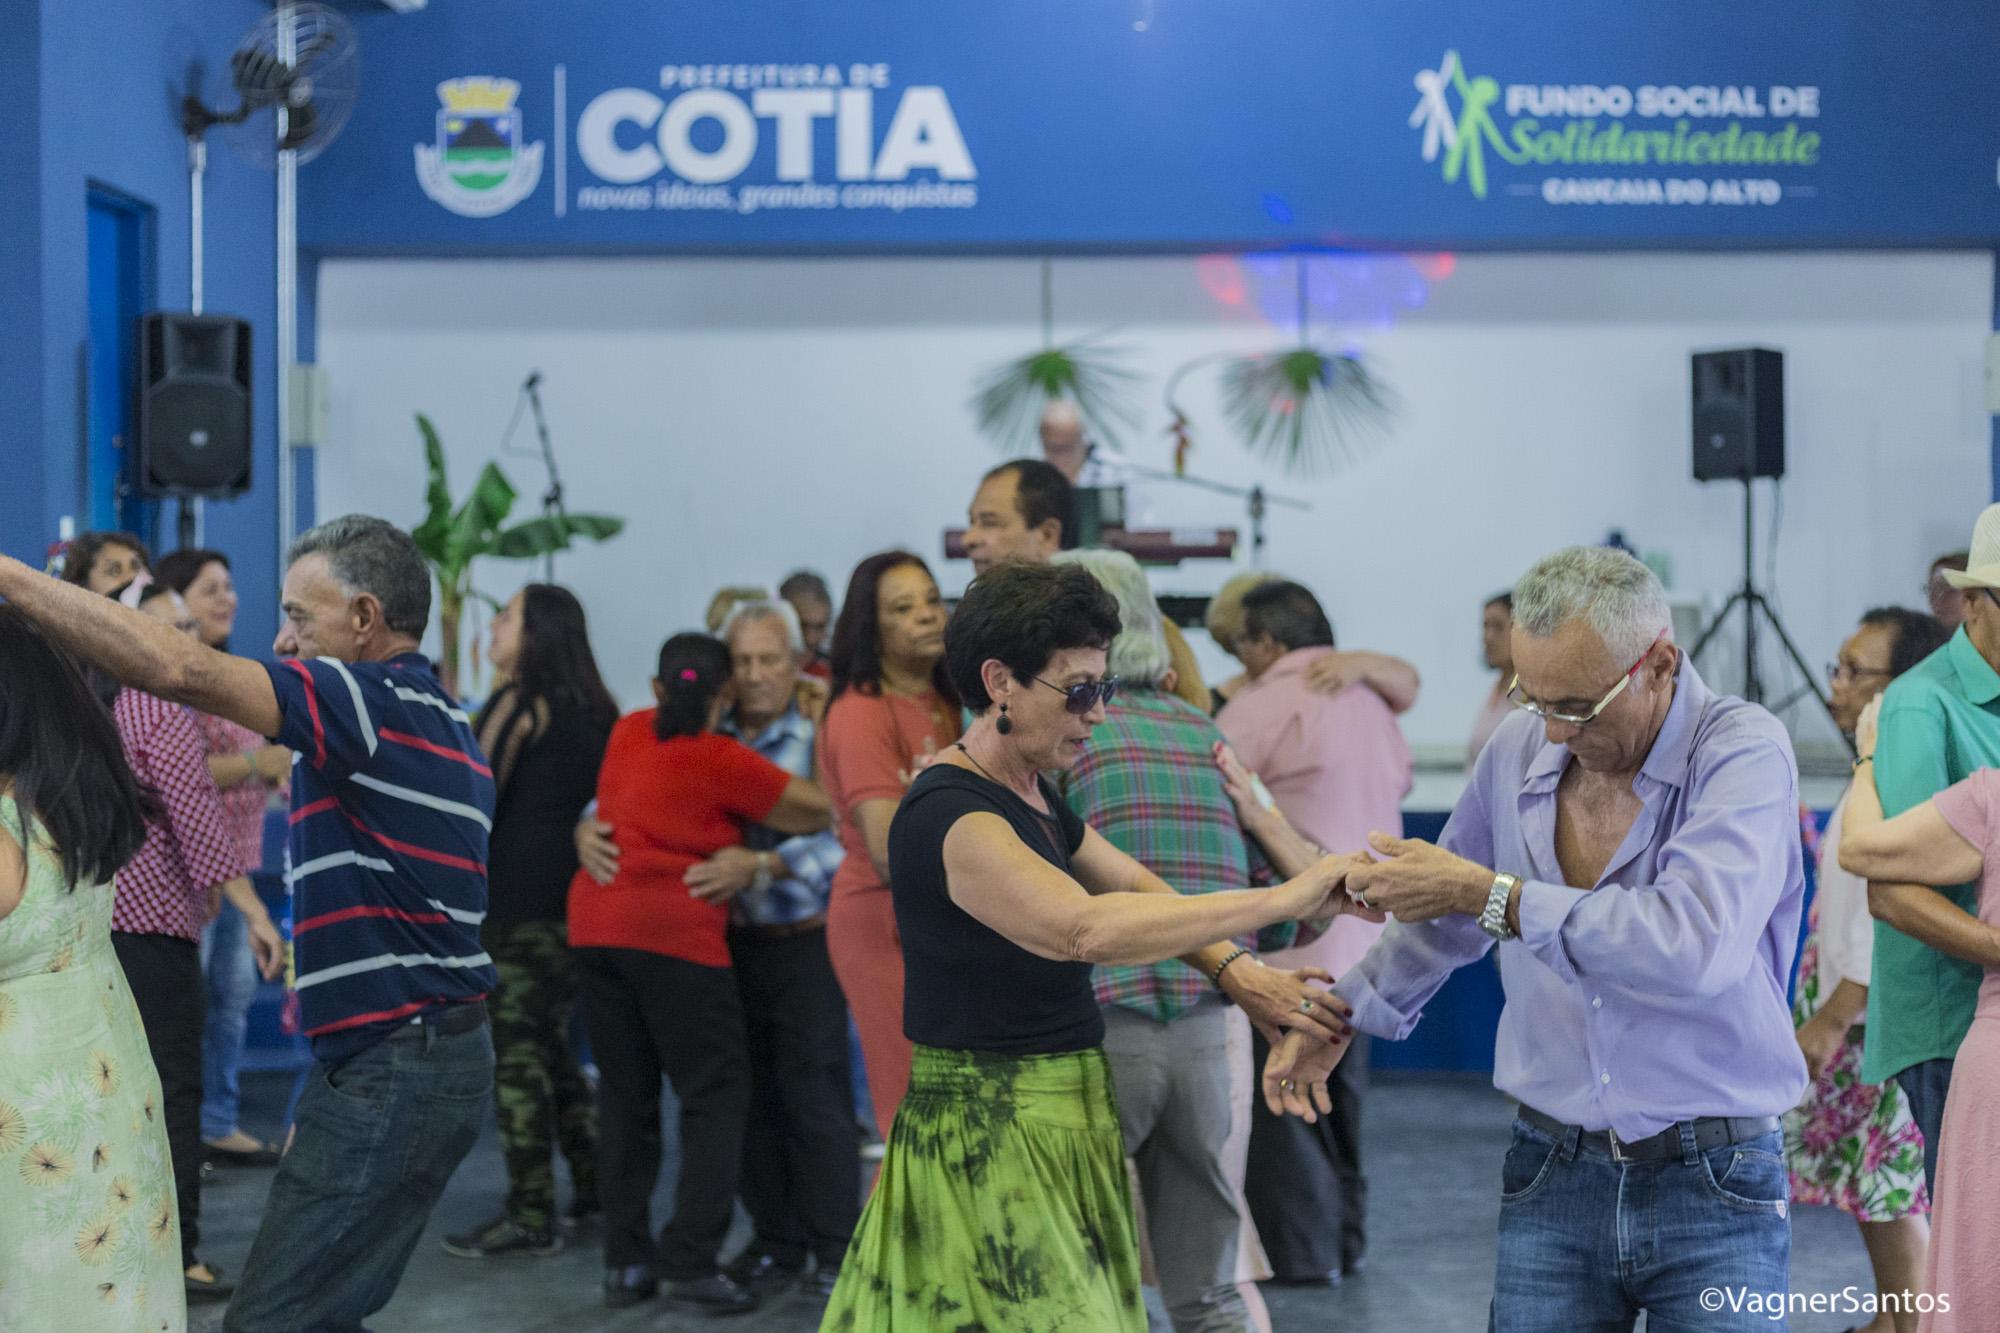 Baile do Hawaii foi o tema da festa da Melhor Idade, no FS de Caucaia